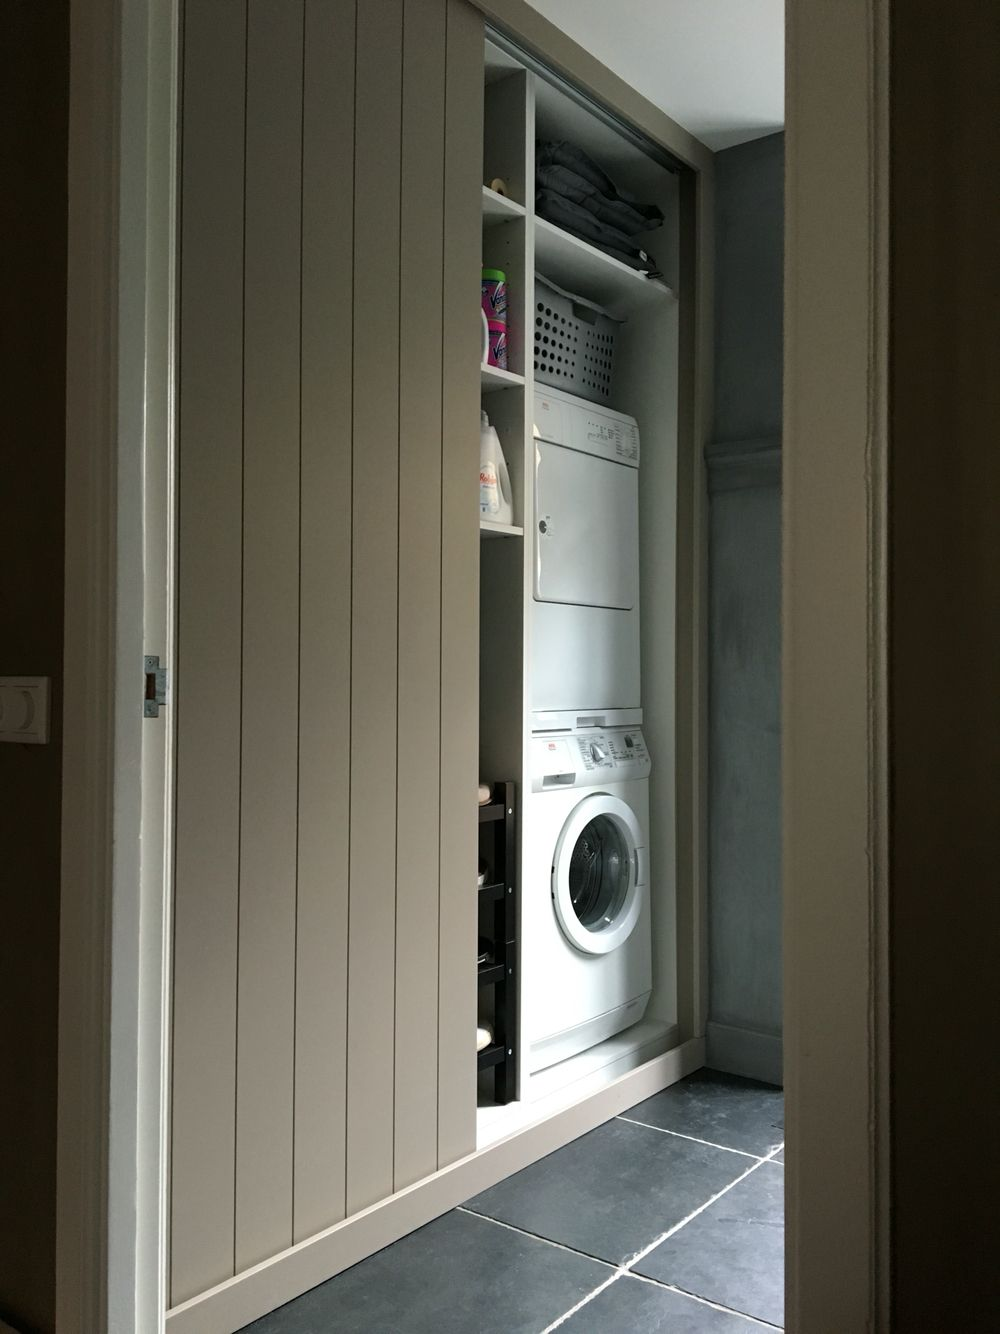 Opbergkast Voor Bijkeuken.Wasmachine Ombouw Schuifdeuren Bijkeuken Ideeen Wegwerken